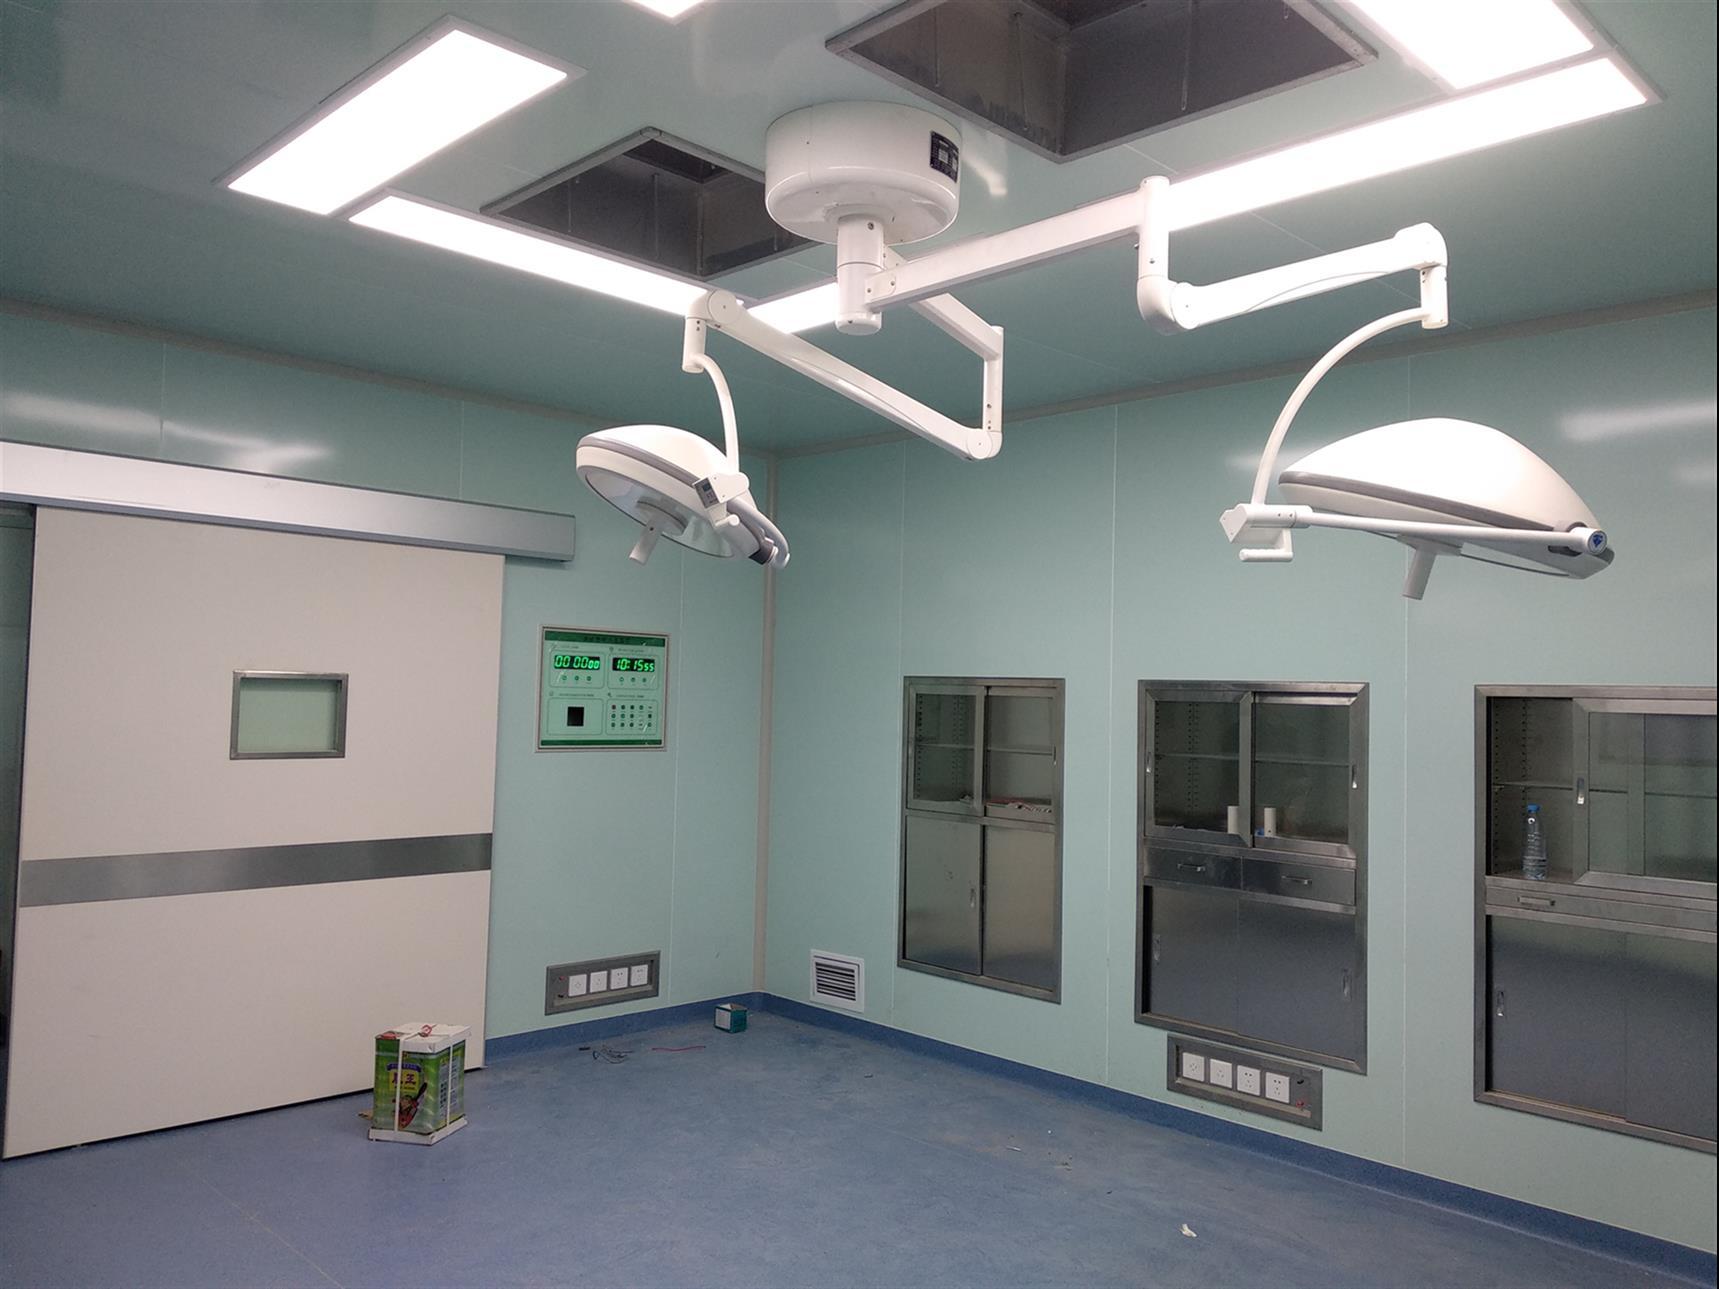 手术室净化:手术室净化设备有什么用途?